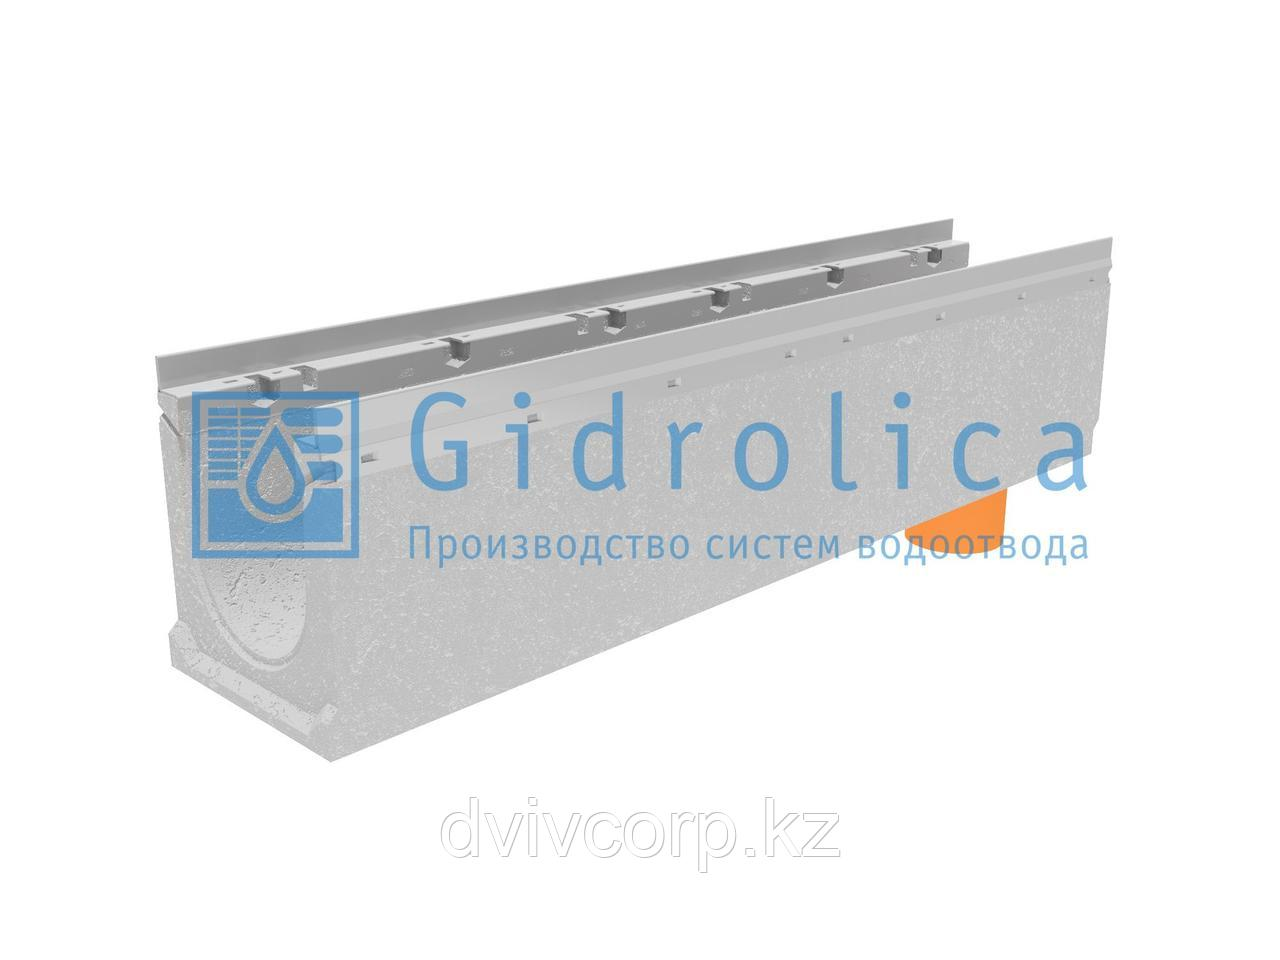 Лоток водоотводный бетонный коробчатый (СО-150мм), с оцинкованной насадкой, с водосливом КUв 100.21,3